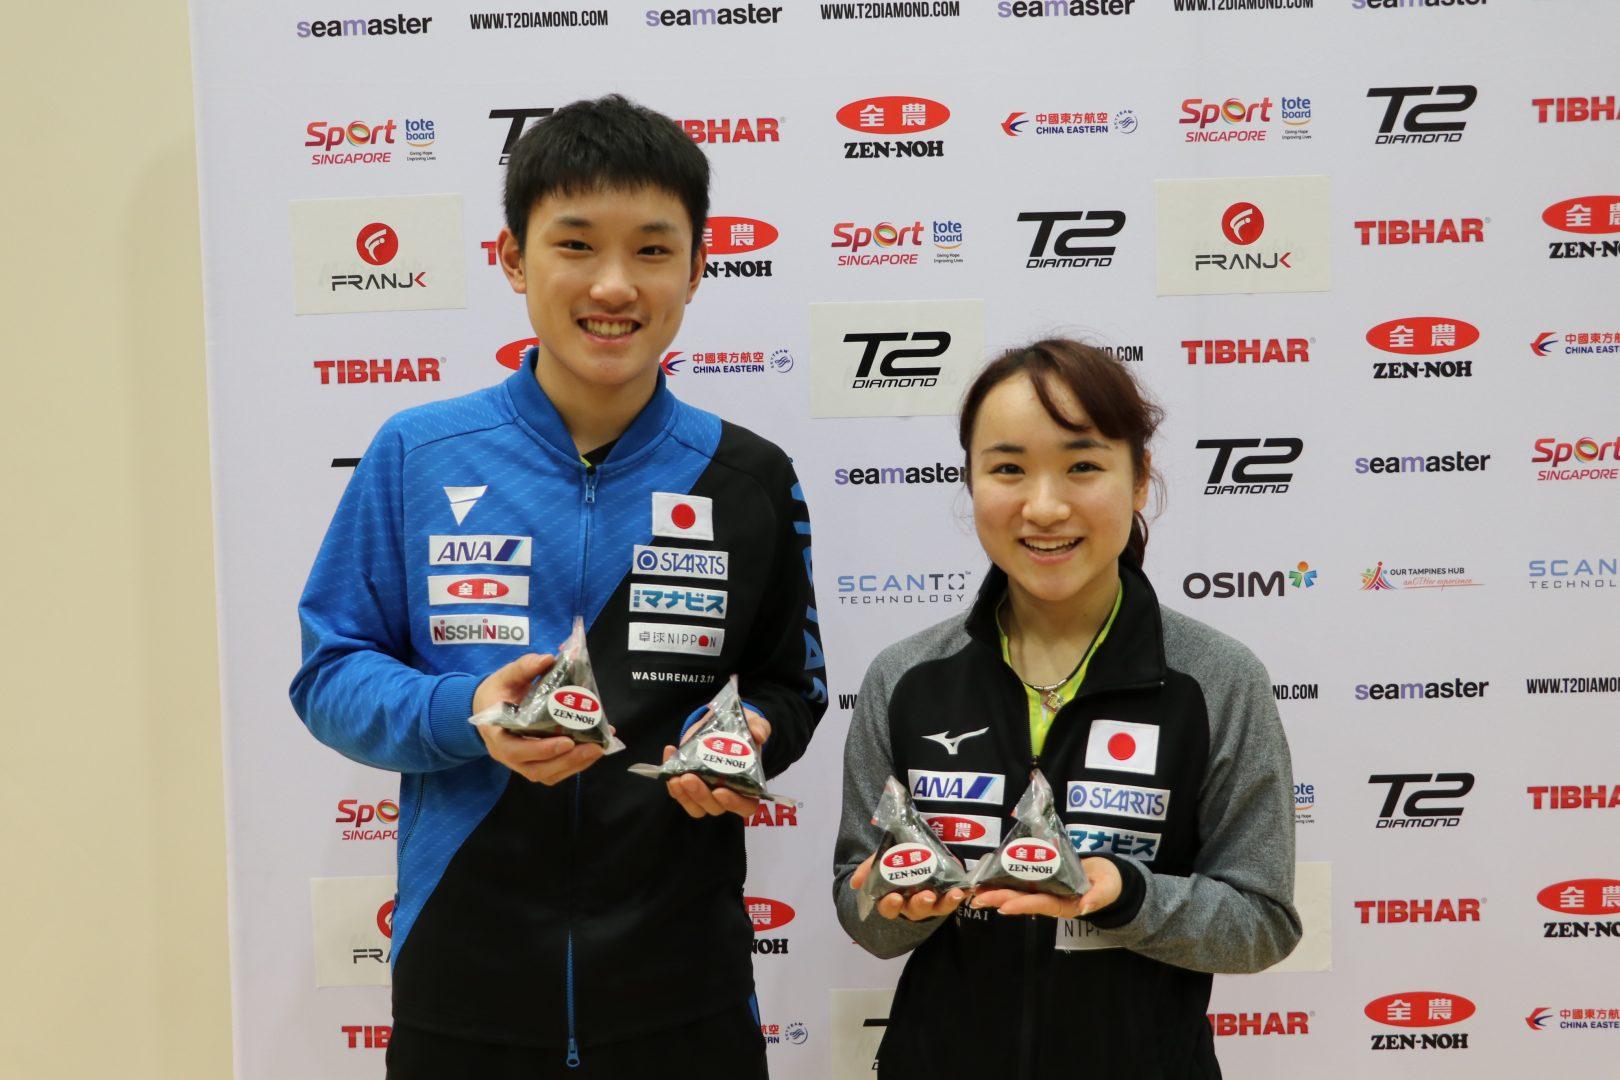 【卓球】T2ダイヤモンド、日本選手活躍の裏側にあった「おむすび」と「いなり寿司」